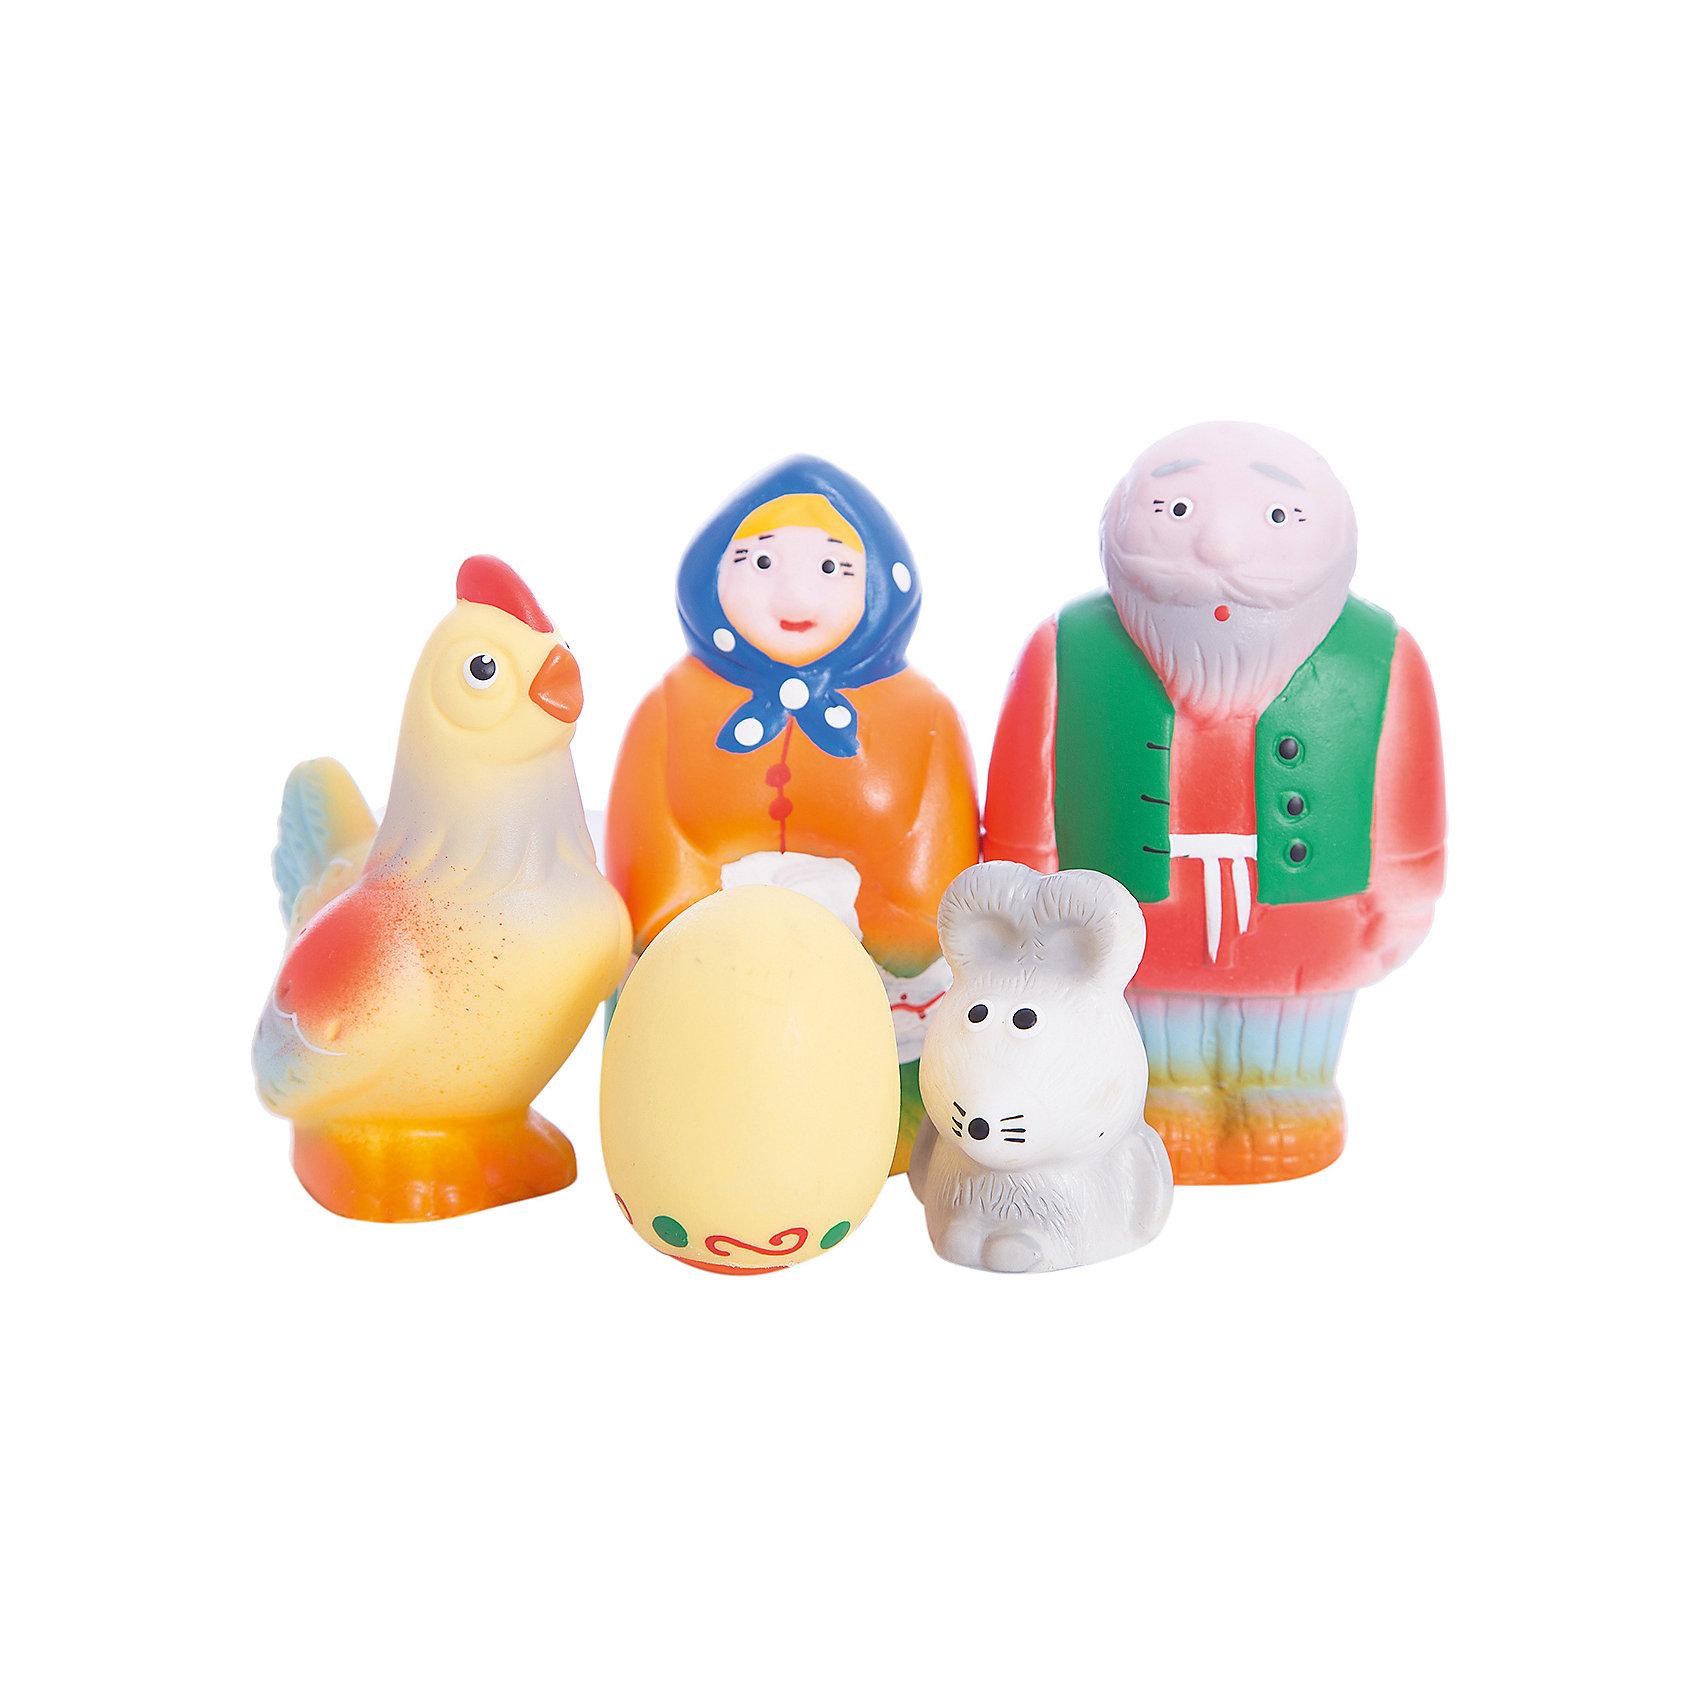 Набор Курочка Ряба и золотое яичко, КудесникиИгрушки<br>Набор Курочка Ряба и золотое яичко, Кудесники<br><br>Характеристики:<br><br>• Материал: ПВХ.<br>• Размер упаковки: 22х22х11,5 см.<br>• Вес: 170г.<br>• В набор входят: Дед, Бабка, курица, яичко, мышка.<br> <br>Набор Курочка Ряба и золотое яичко, Кудесники – это отличный игровой набор из мягкого пластизоля. Эти игрушки помогут малышу при прорезывании зубов, помогут развивать моторику рук, знакомить с формой, цветом, образами. Также с ними можно забавно поиграть в ванной. Яркие образы помогут ребенку проигрывать сюжет любимой сказки, а также придумывать различные сюжетно-ролевые игры.<br><br>Набор Курочка Ряба и золотое яичко, Кудесники, можно купить в нашем интернет – магазине.<br><br>Ширина мм: 220<br>Глубина мм: 220<br>Высота мм: 115<br>Вес г: 170<br>Возраст от месяцев: 12<br>Возраст до месяцев: 36<br>Пол: Унисекс<br>Возраст: Детский<br>SKU: 4896477